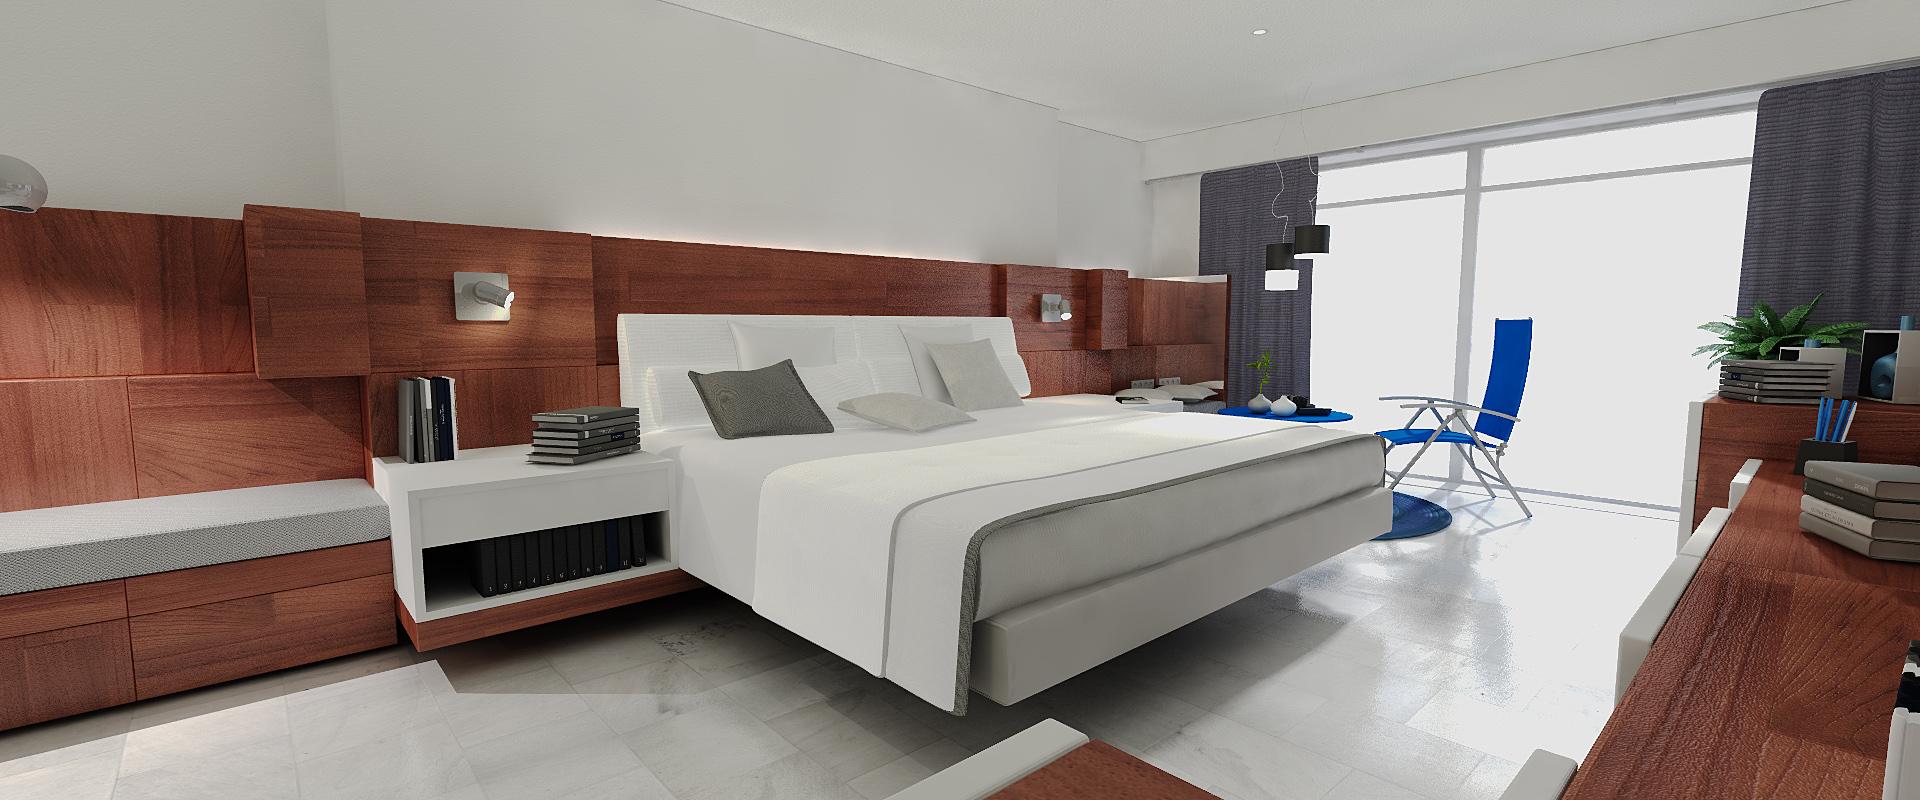 Dosch design dosch 3d hotel room furniture for Mobilia arredamento 3d